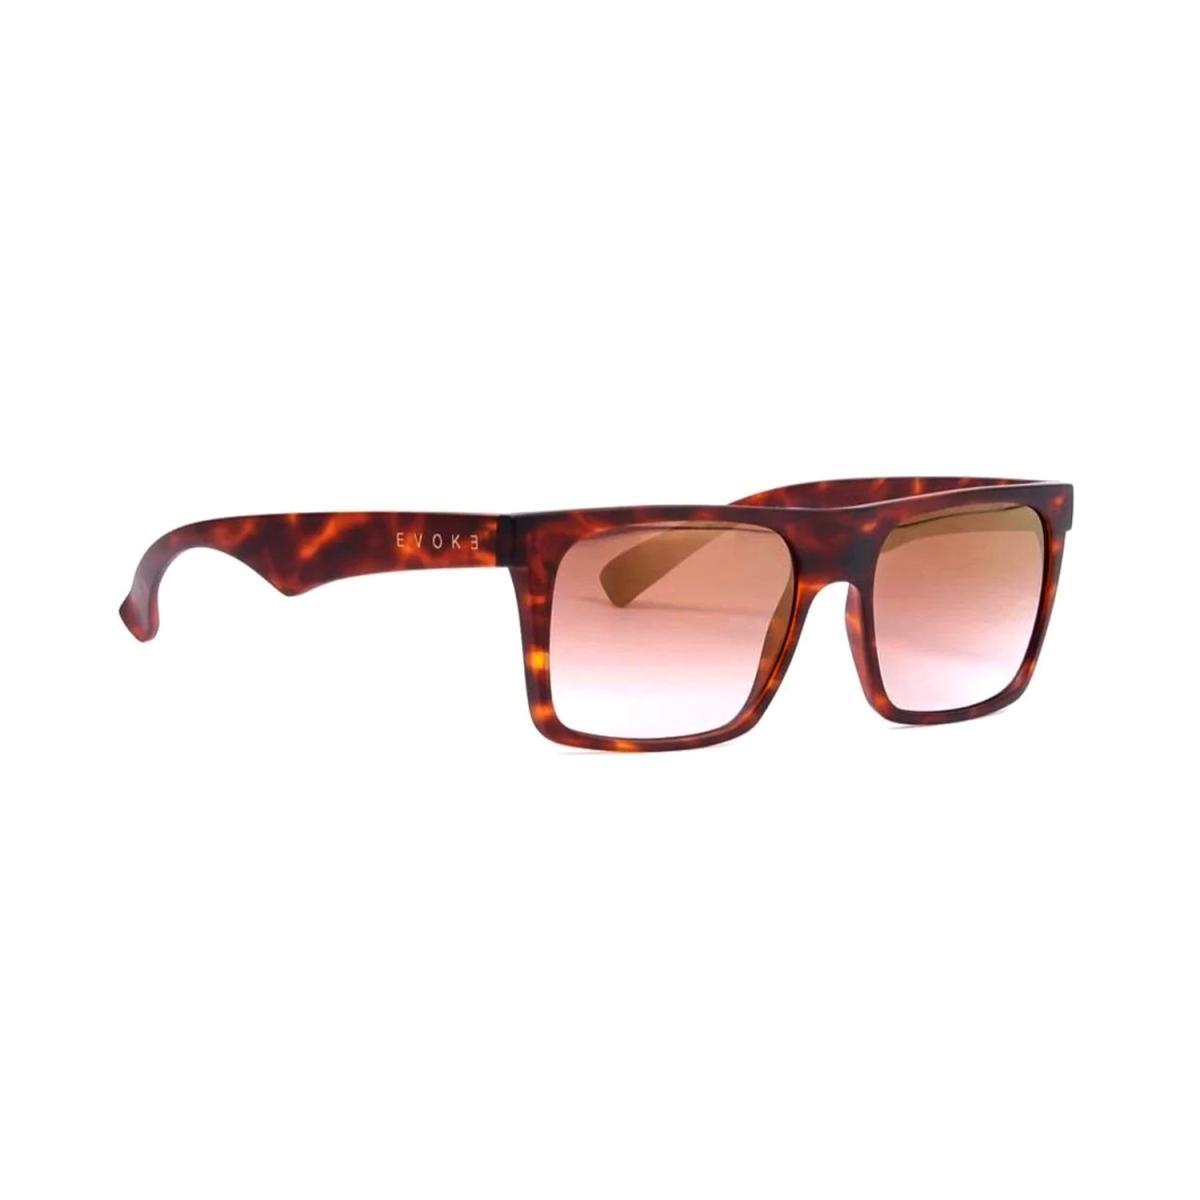 Óculos Evoke - Evk 22 G21s Matte